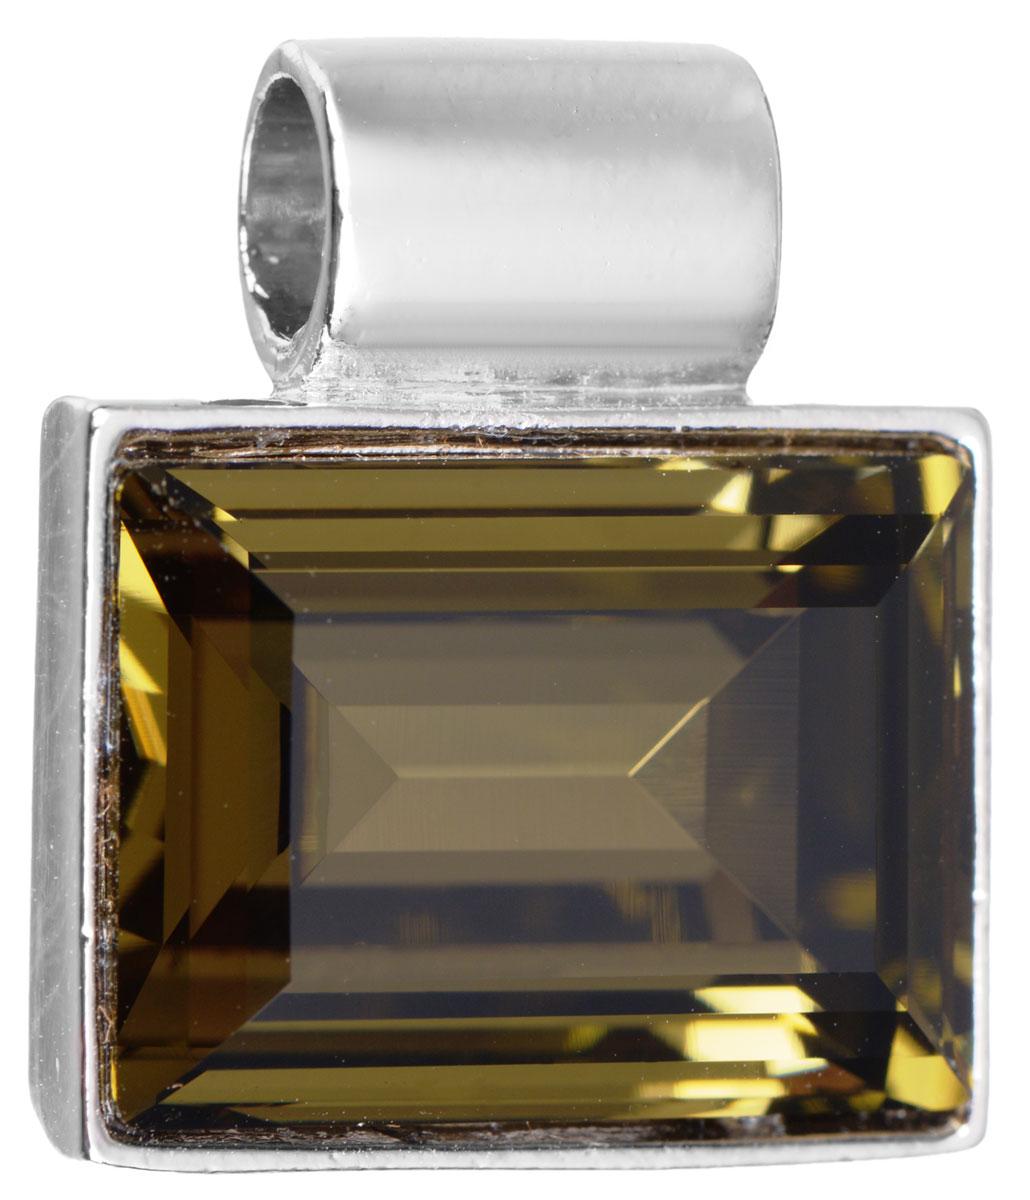 Подвеска Jenavi Тянада, цвет: серебряный, коричневый. k296f325Ожерелье (короткие многоярусные бусы)Подвеска Jenavi Тянада выполнена из гипоаллергенного ювелирного сплава, оформлена покрытием из серебра и родия. Подвеска прямоугольной формы дополнена граненым кристаллом Swarovski.Изделие имеет отверстие, которое позволит использовать цепочку любого диаметра.Подвеска Jenavi Тянада поможет дополнить любой образ и привнести в него завершающий яркий штрих.